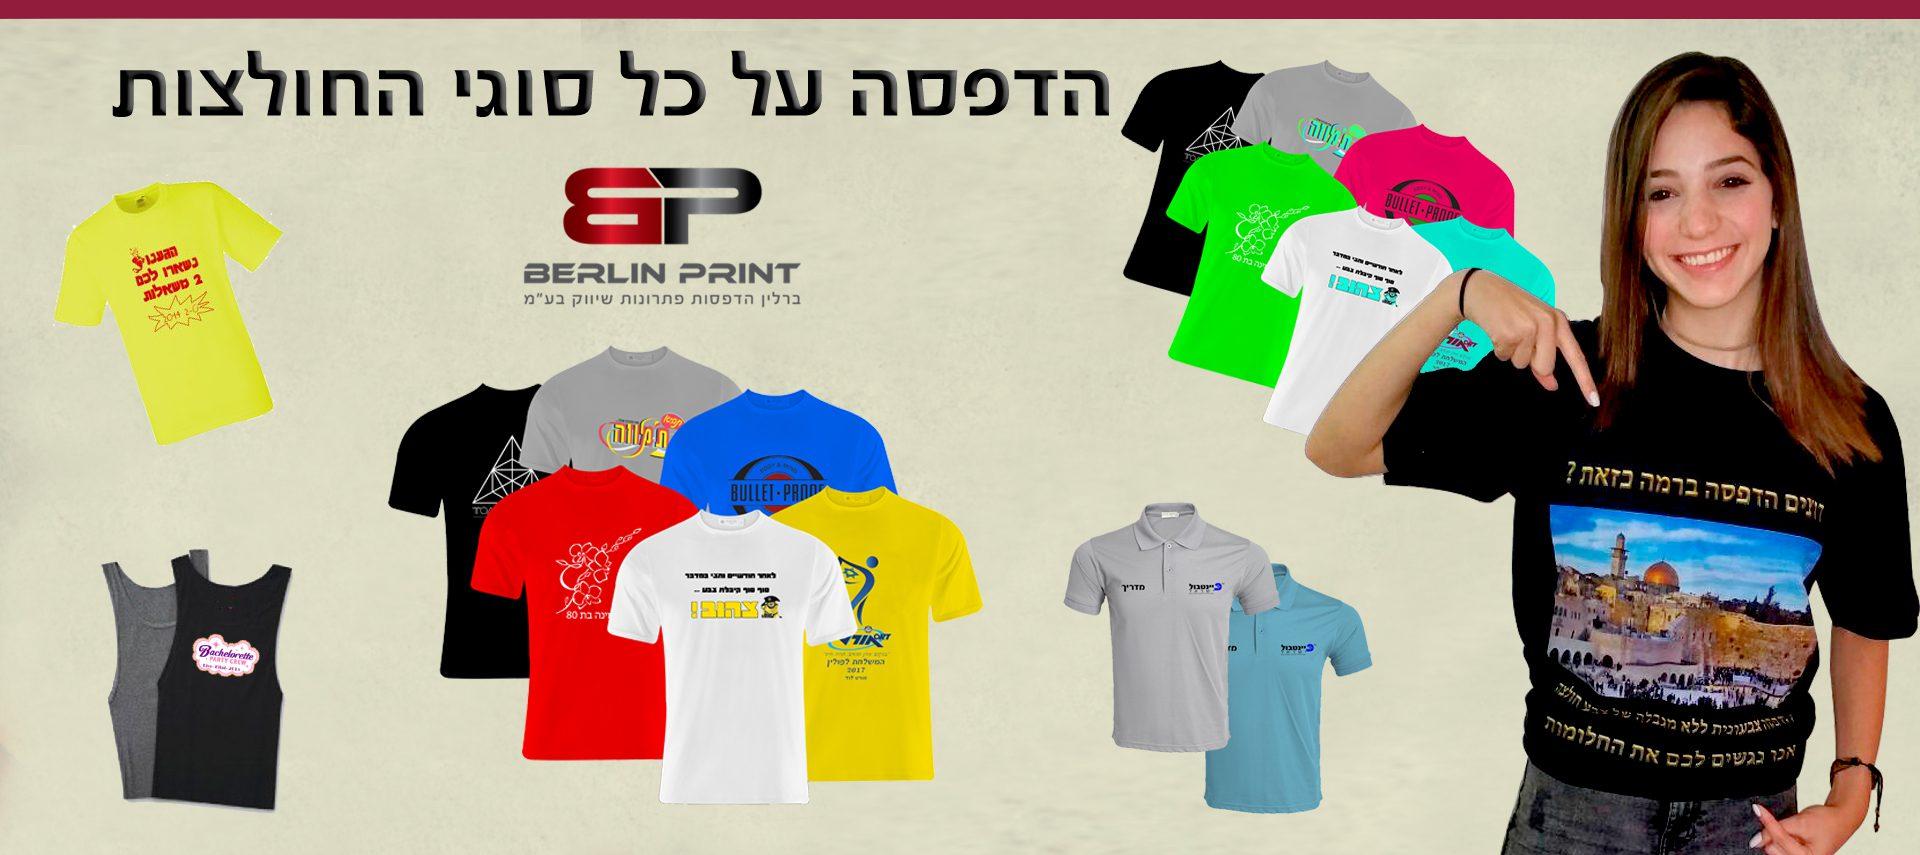 הדפסה על חולצות מכל הסוגים